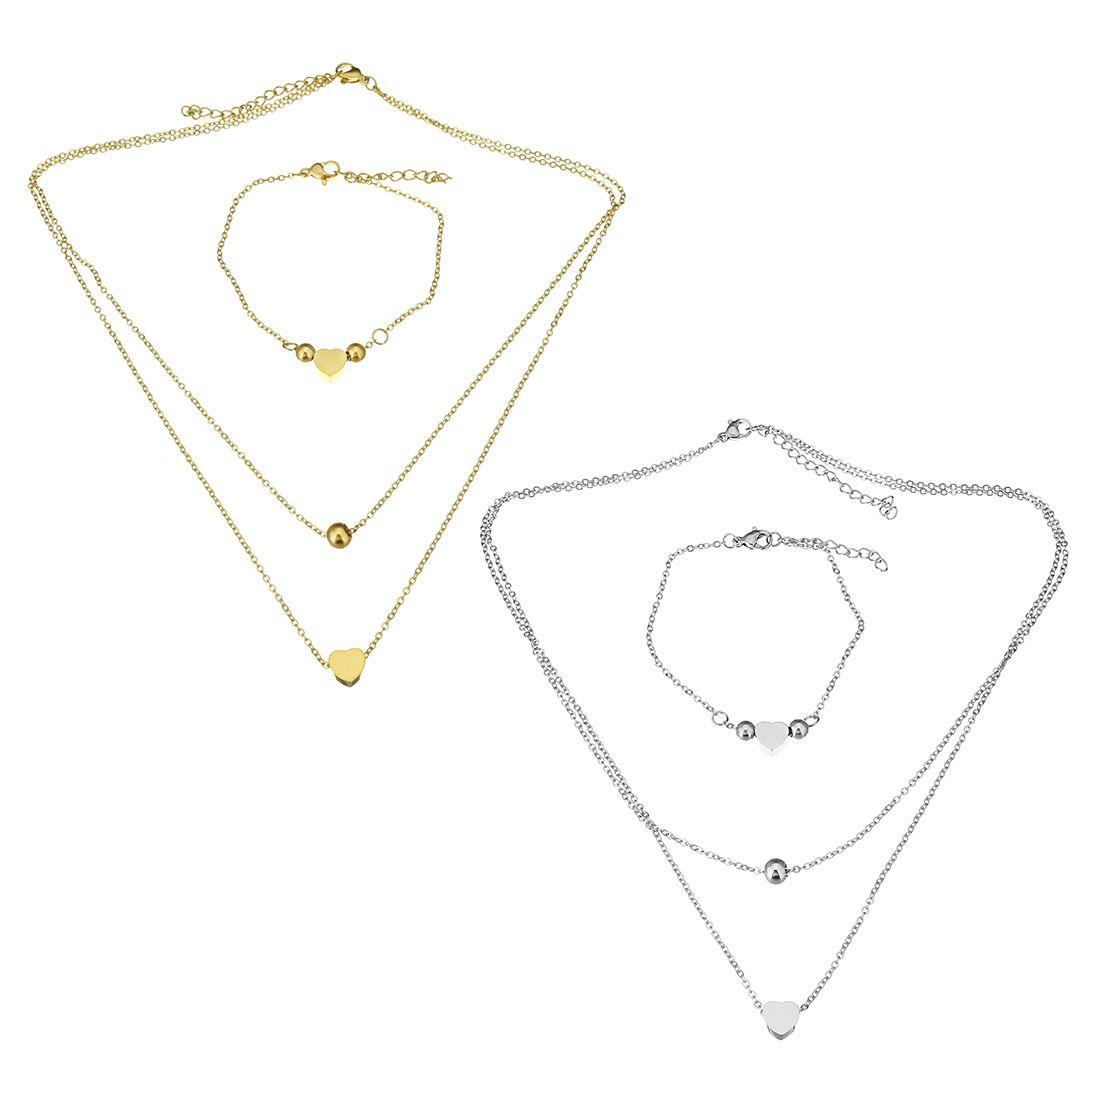 ee00d04ac6ca Compre Moda De Acero Inoxidable   Color Oro Conjuntos De Joyas De Acero  Pulsera Para Mujer Joyería De Boda Collar De Regalo Cadena Corazón Oval  Cadena De ...